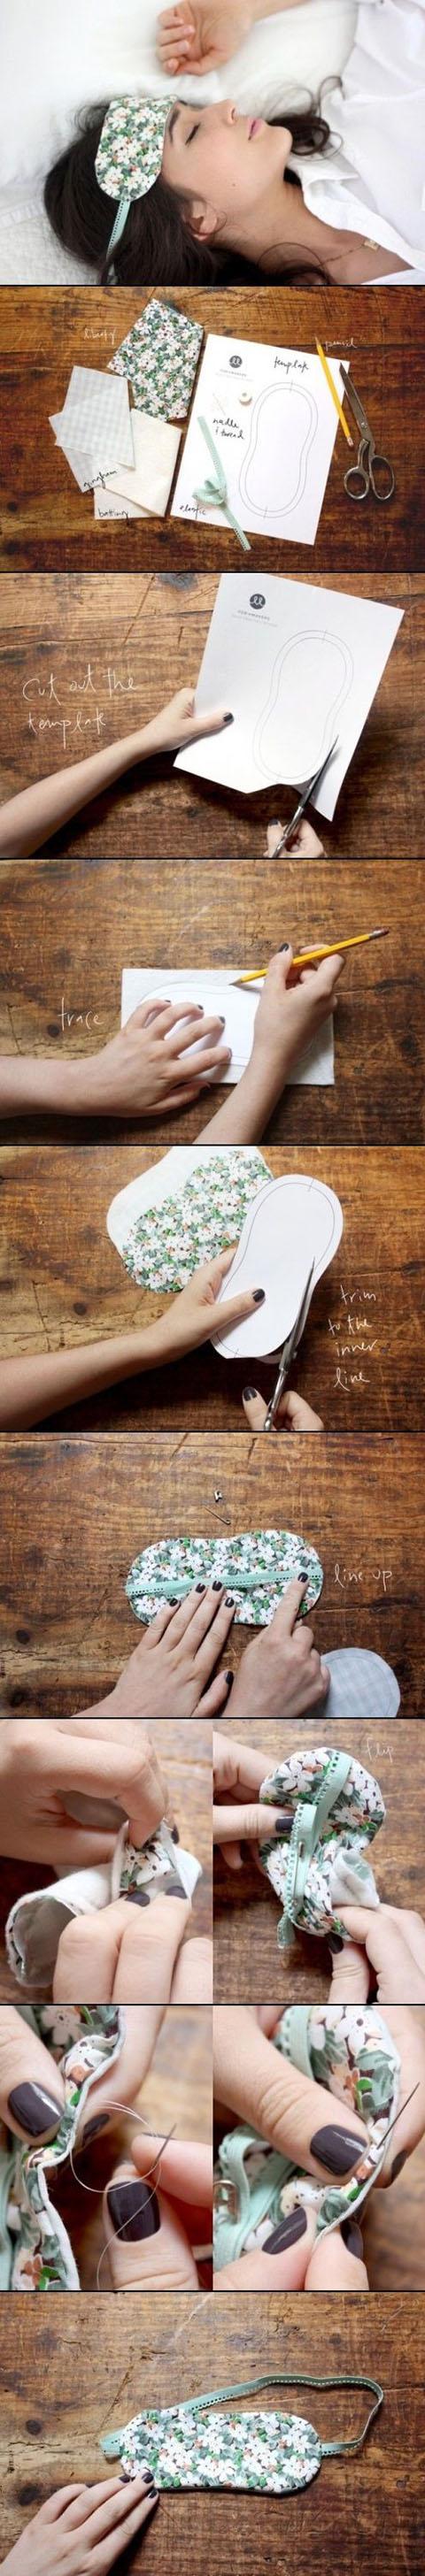 DIY Floral Patterned Sleeping Mask11